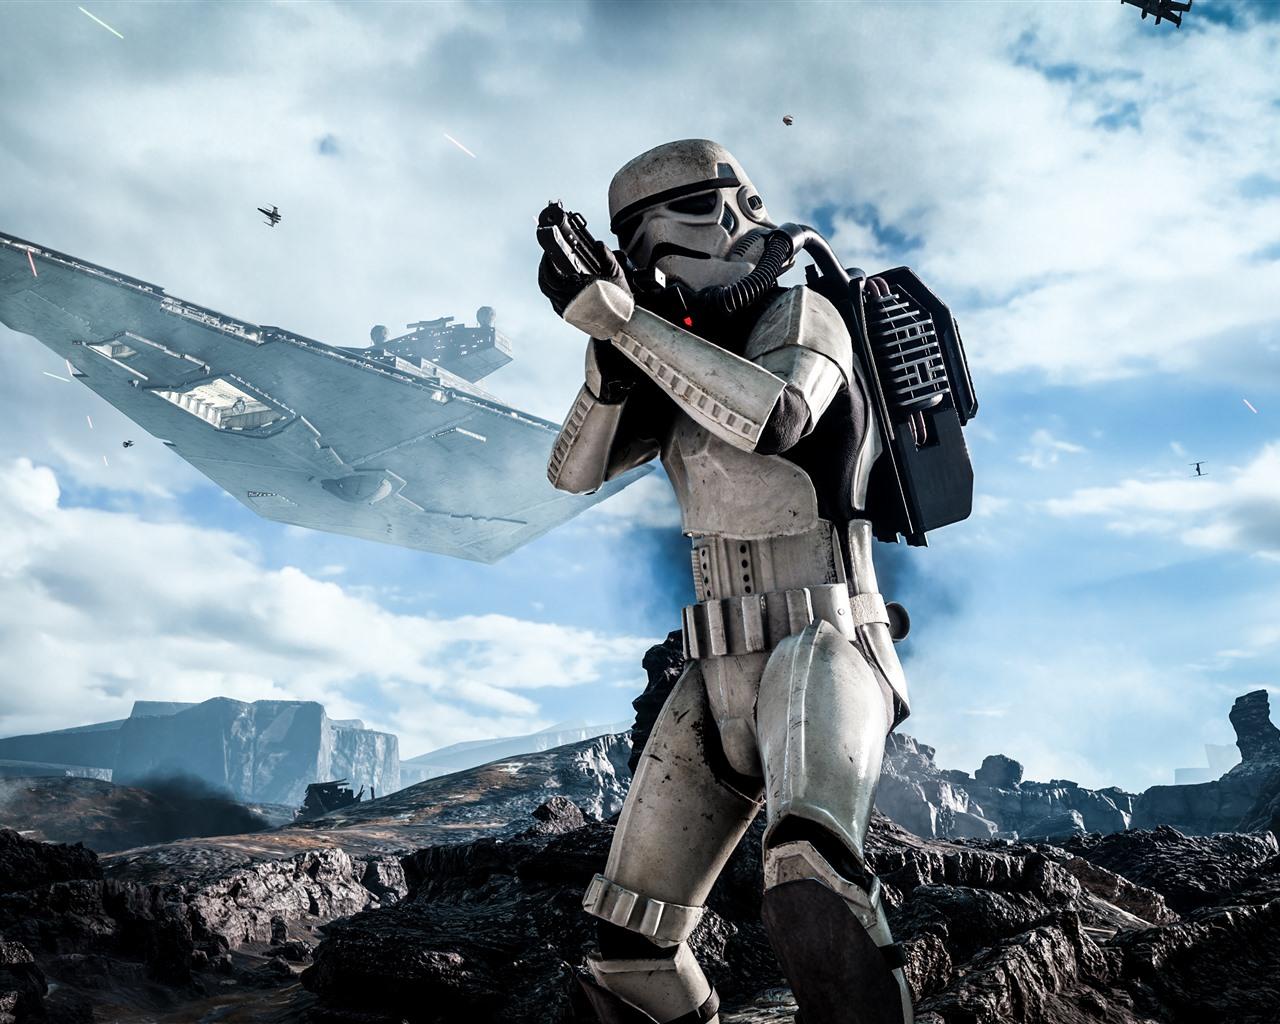 Star Wars: Battlefront, Soldier 1080x1920 IPhone 8/7/6/6S